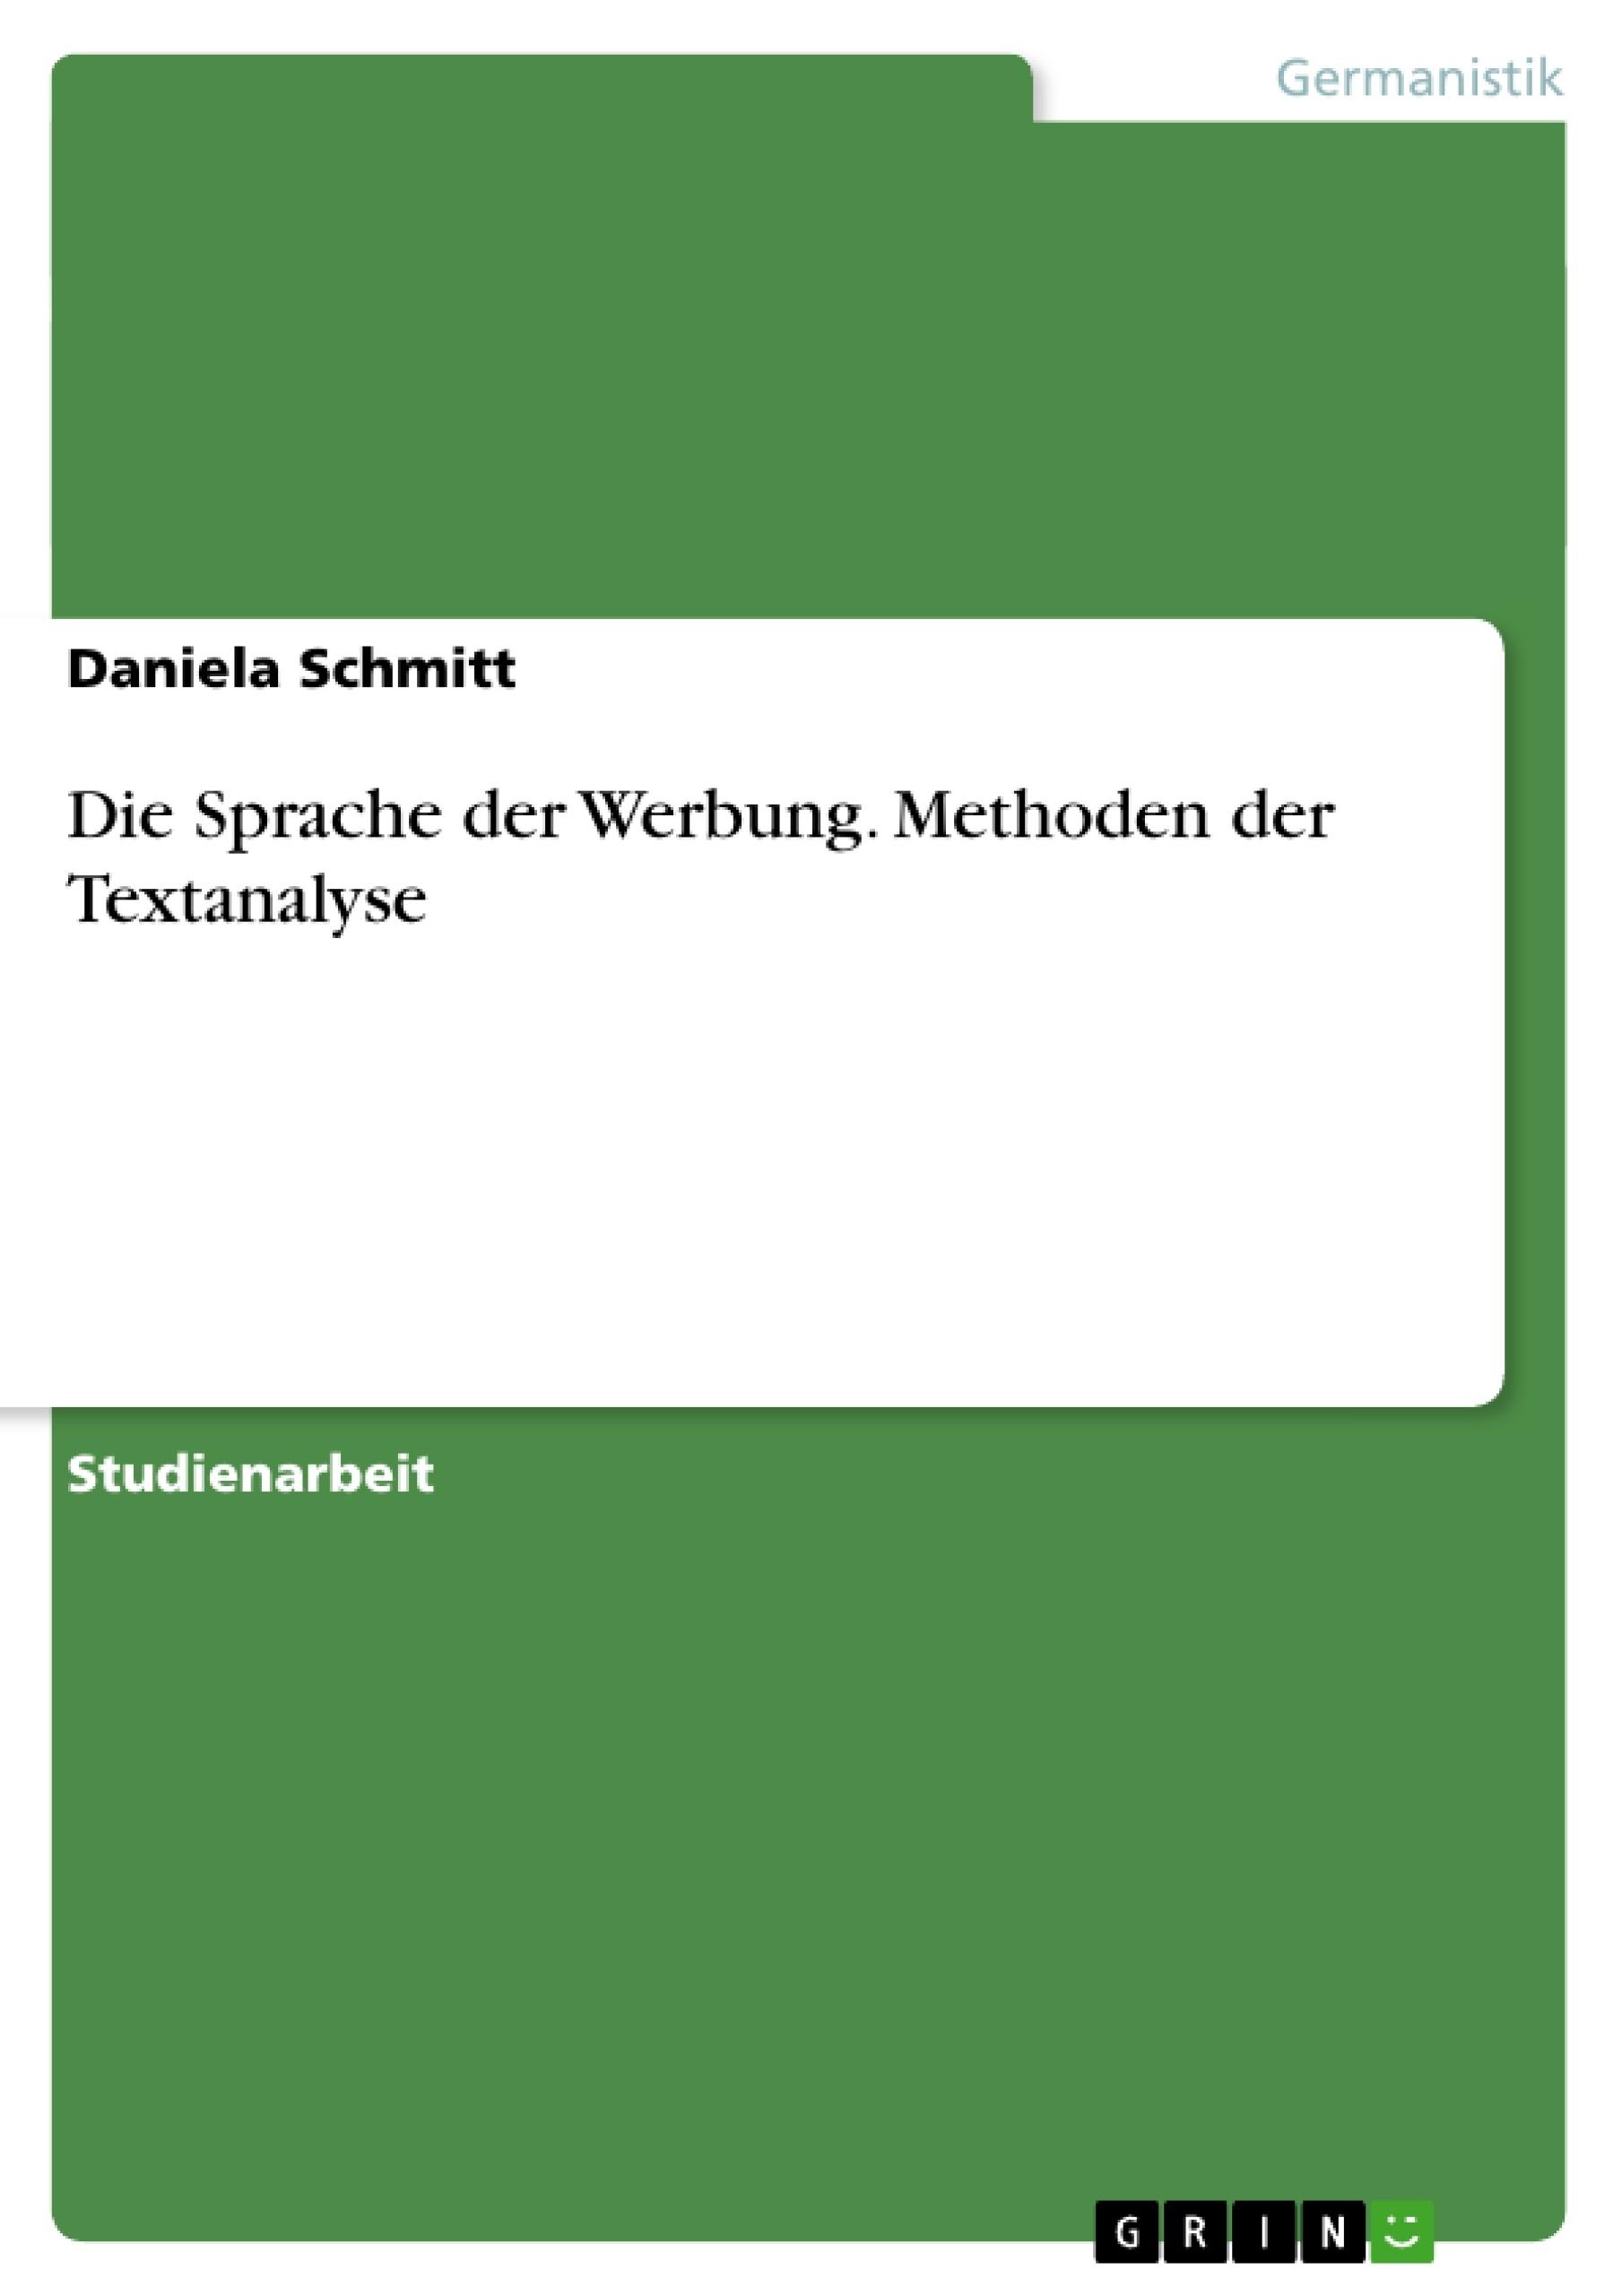 Titel: Die Sprache der Werbung. Methoden der Textanalyse